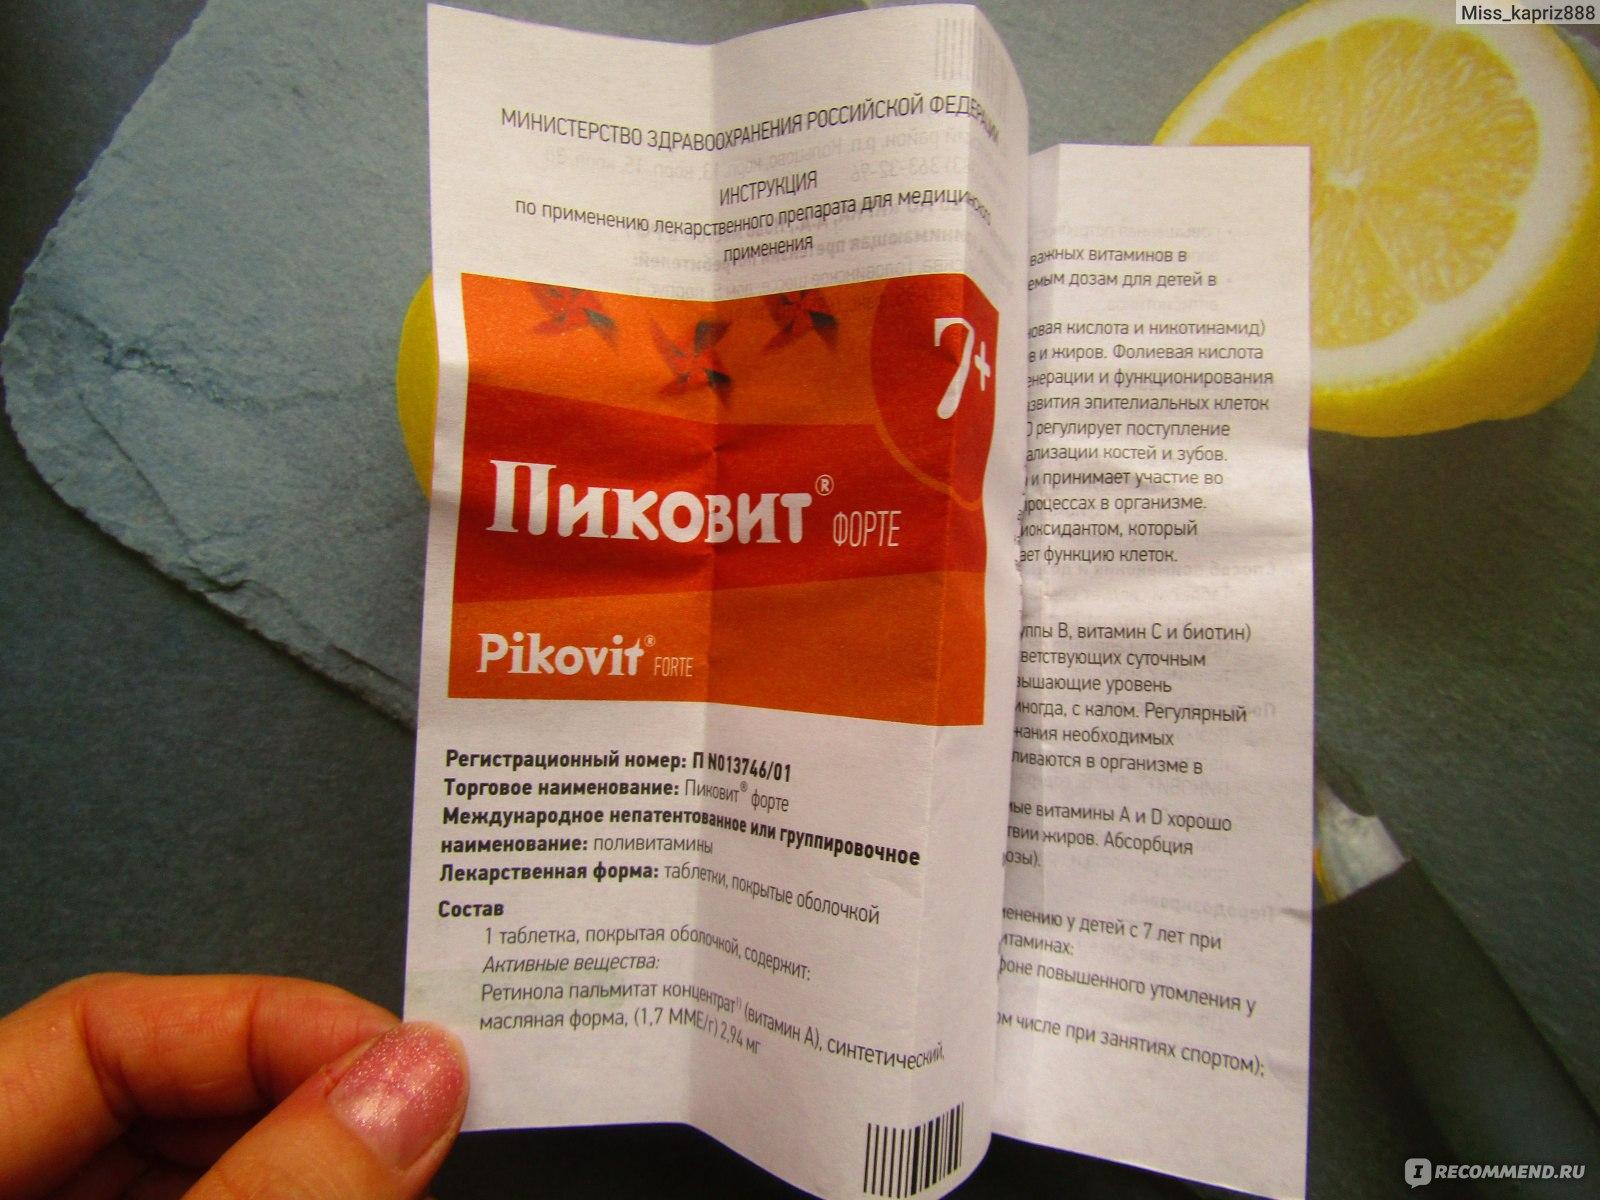 Витамины пиковит для детей: отзывы, цены, инструкция